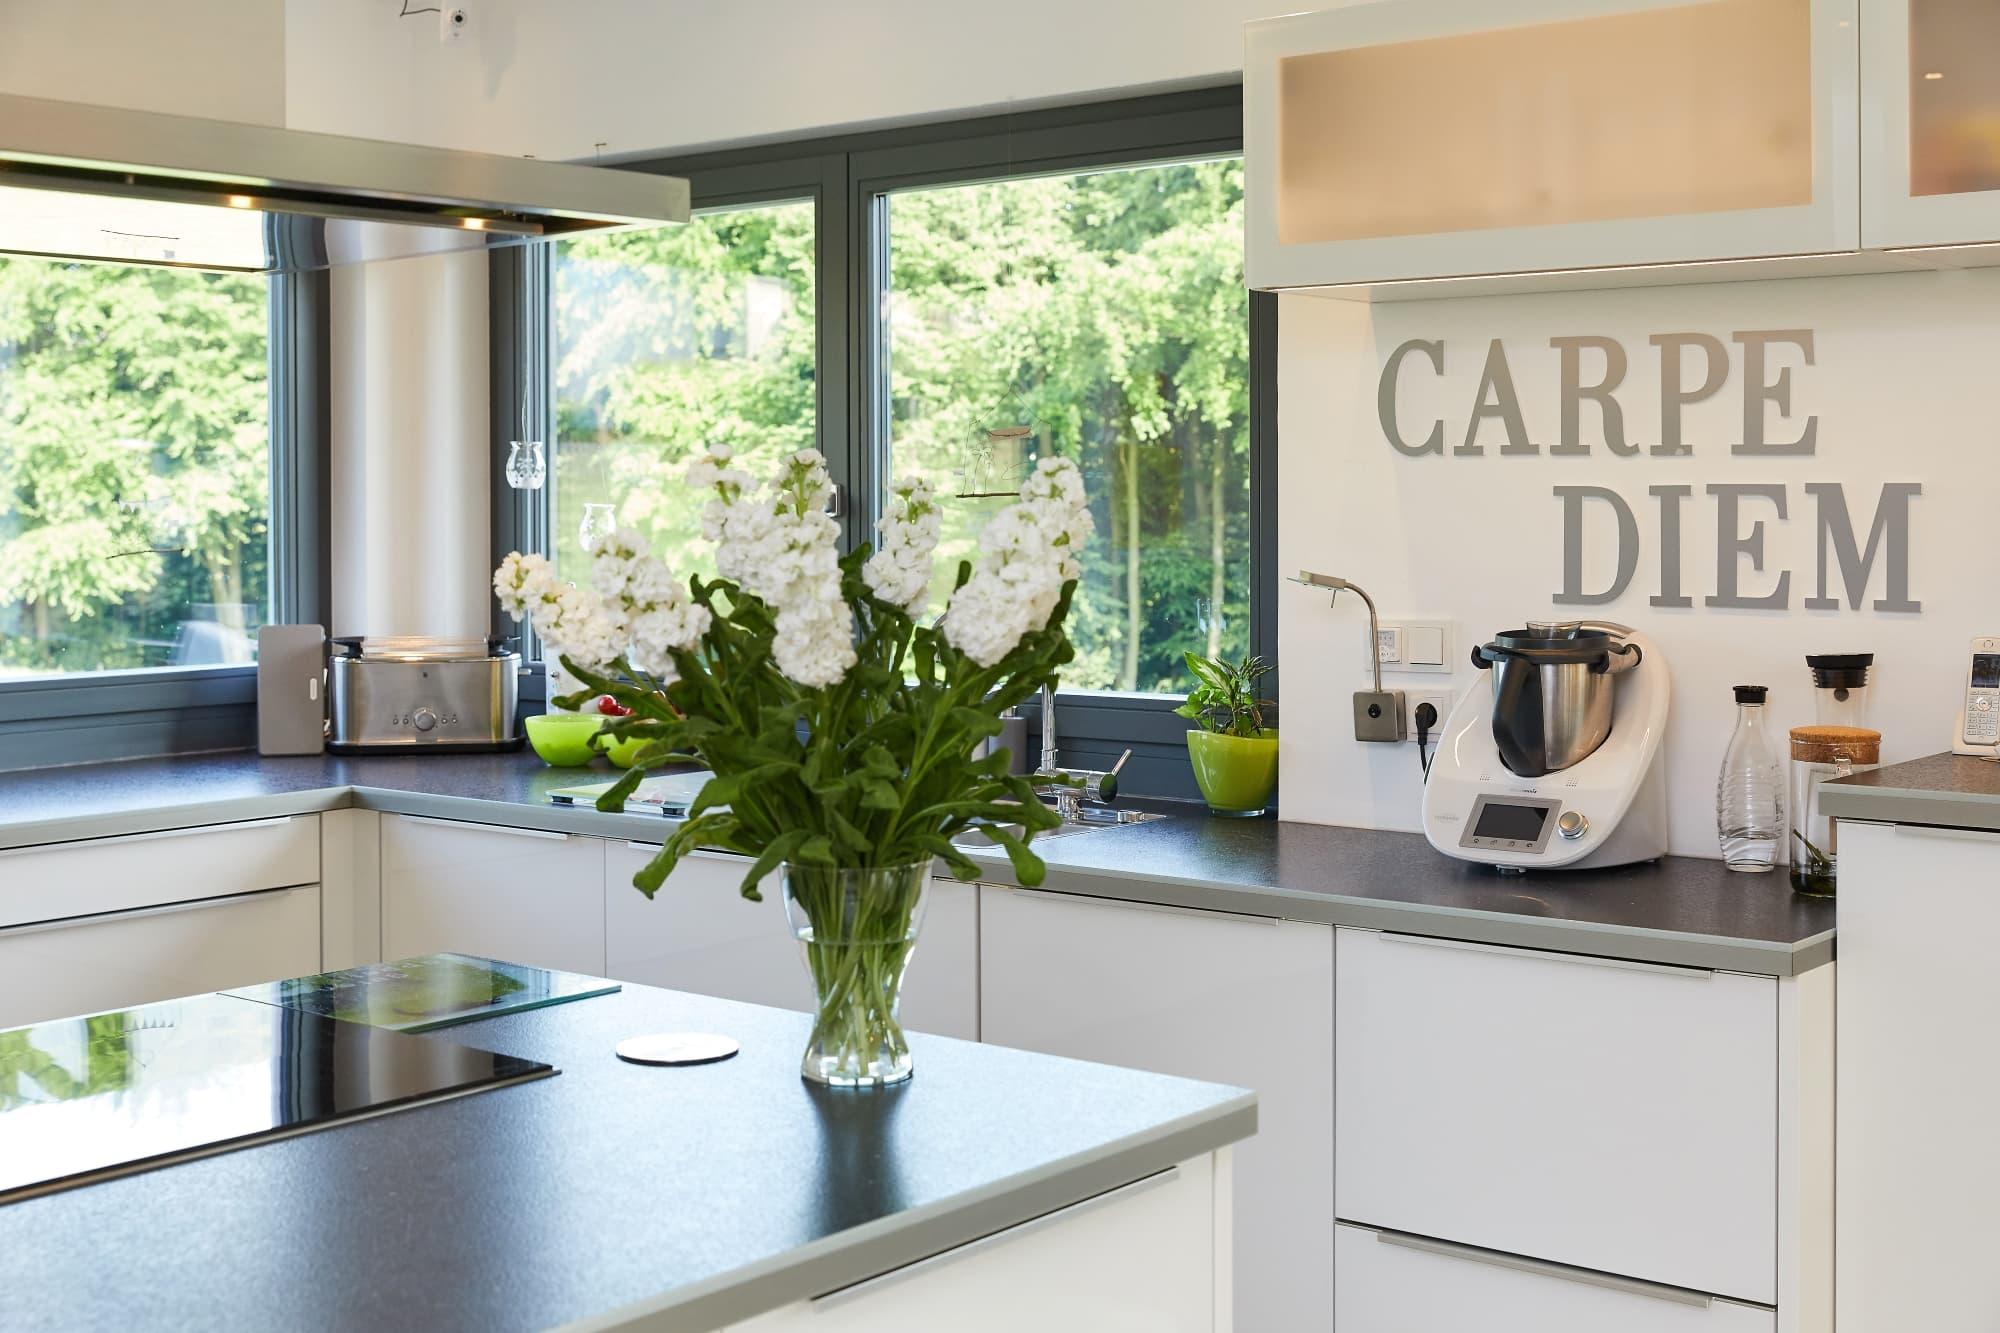 Küche mit Kochinsel - Inneneinrichtung Fertighaus Parma von GUSSEK HAUS - HausbauDirekt.de